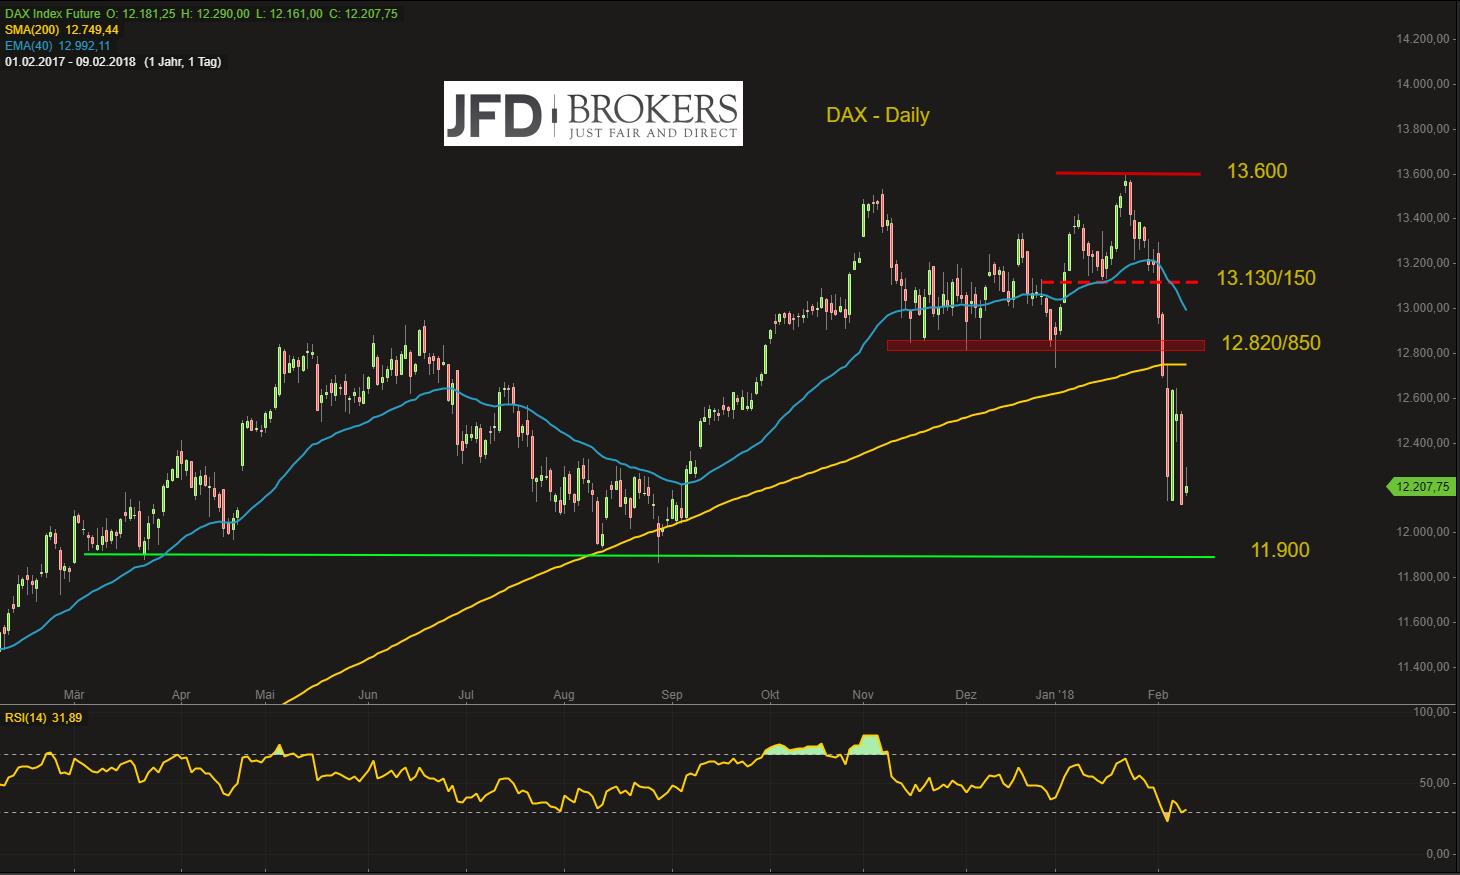 DAX-kommende-Woche-in-Richtung-und-unter-12-000-Punkte-Kommentar-JFD-Brokers-GodmodeTrader.de-2